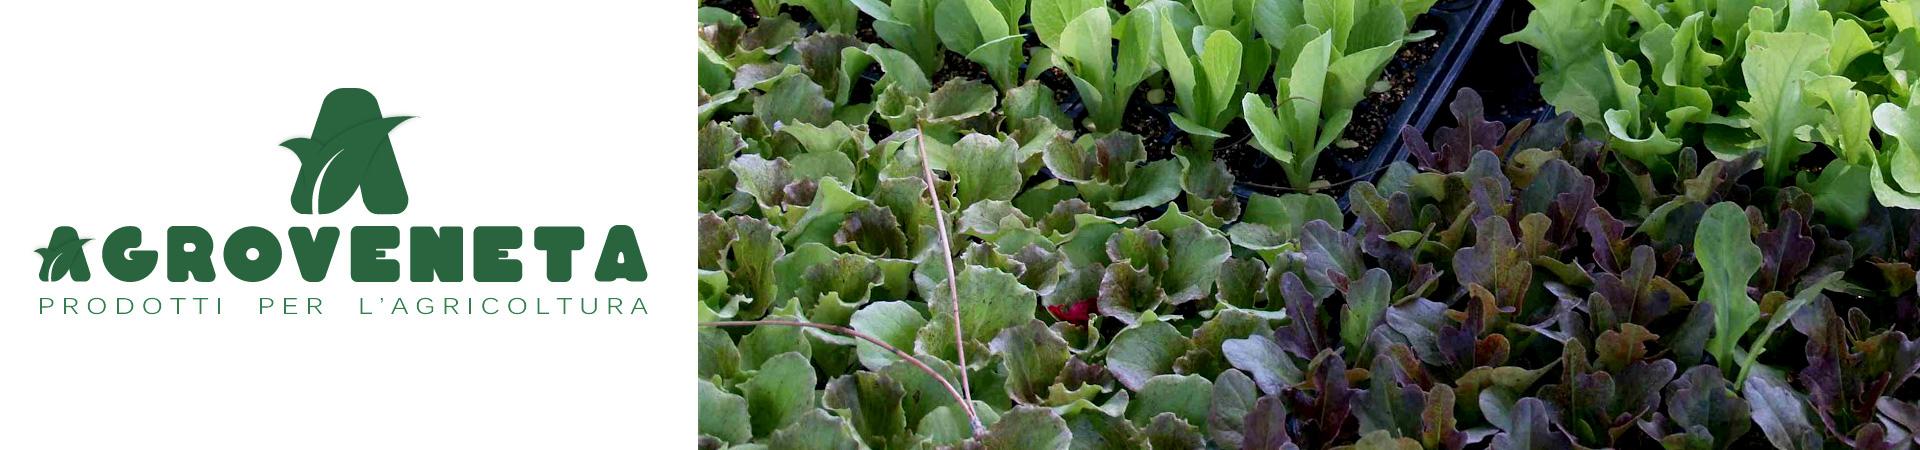 Piante da orto/barbatelle  Agroveneta